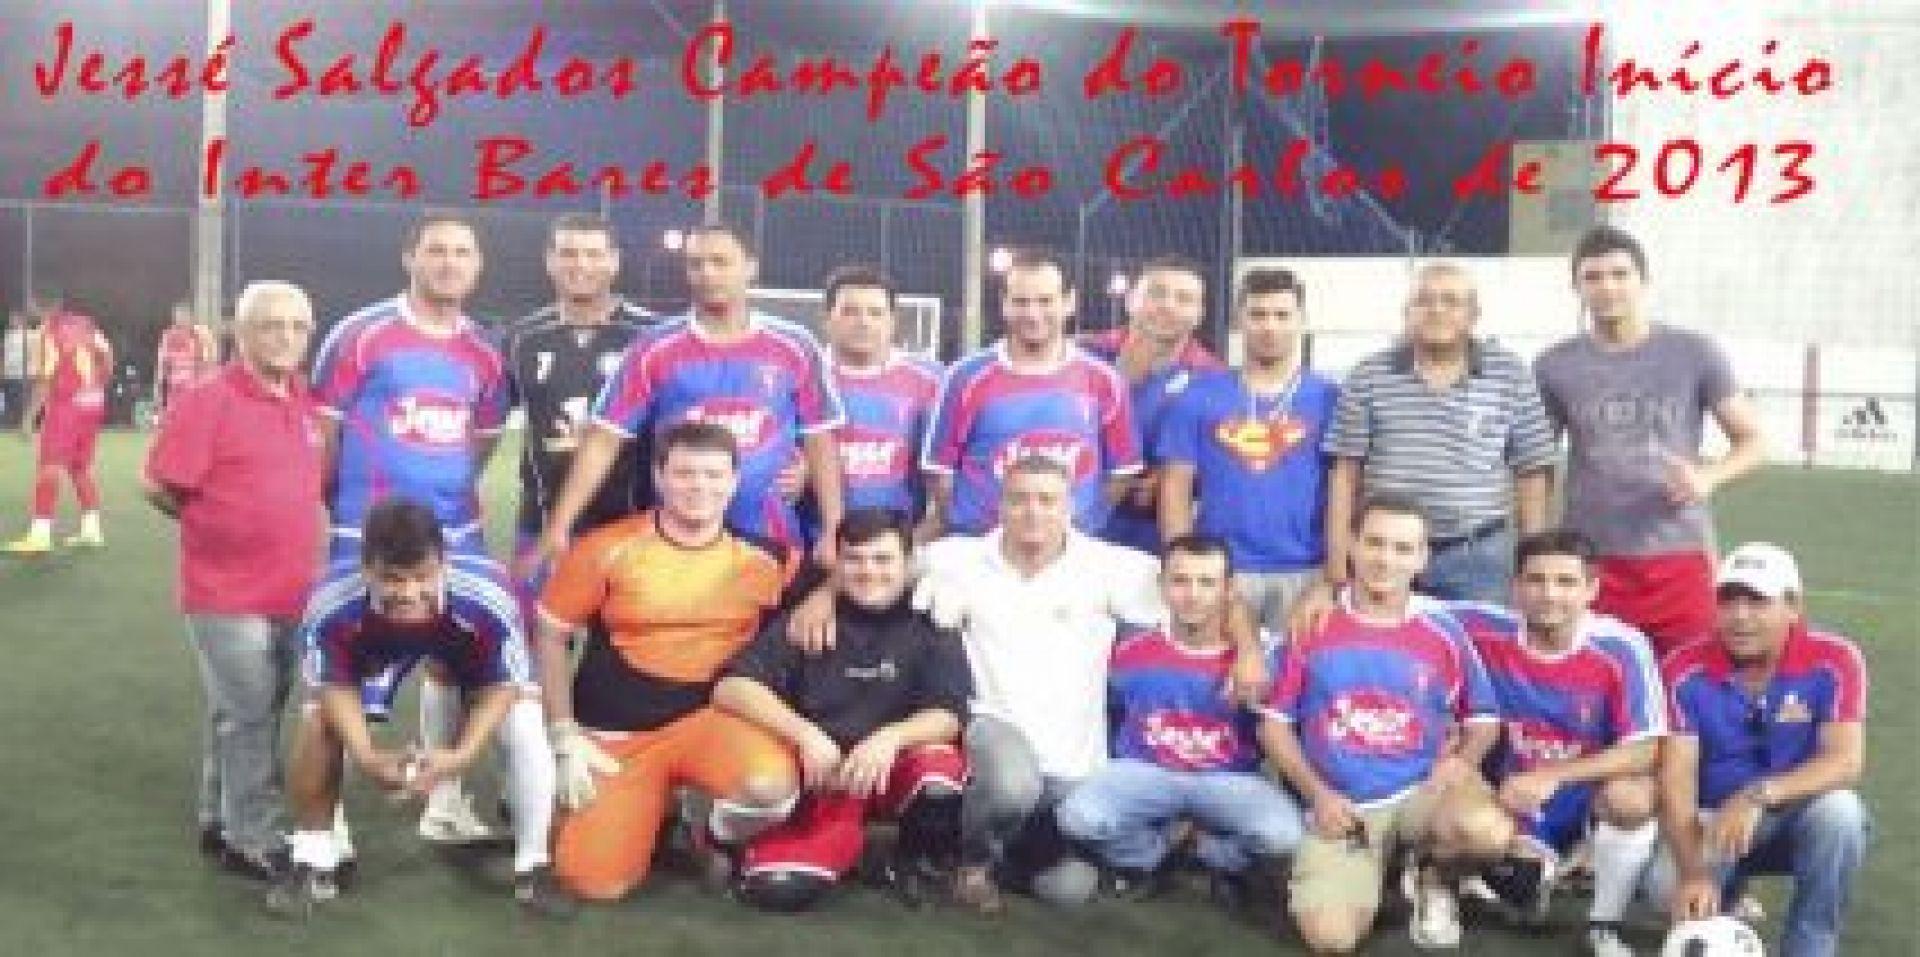 Campeã do torneio início Interbares de São Carlos de 2013